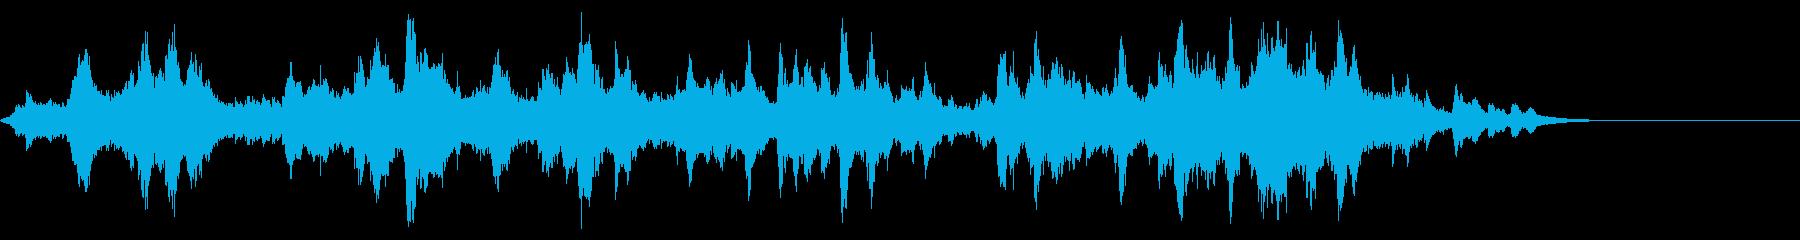 ウインドチャイム 継続 エフェクトの再生済みの波形